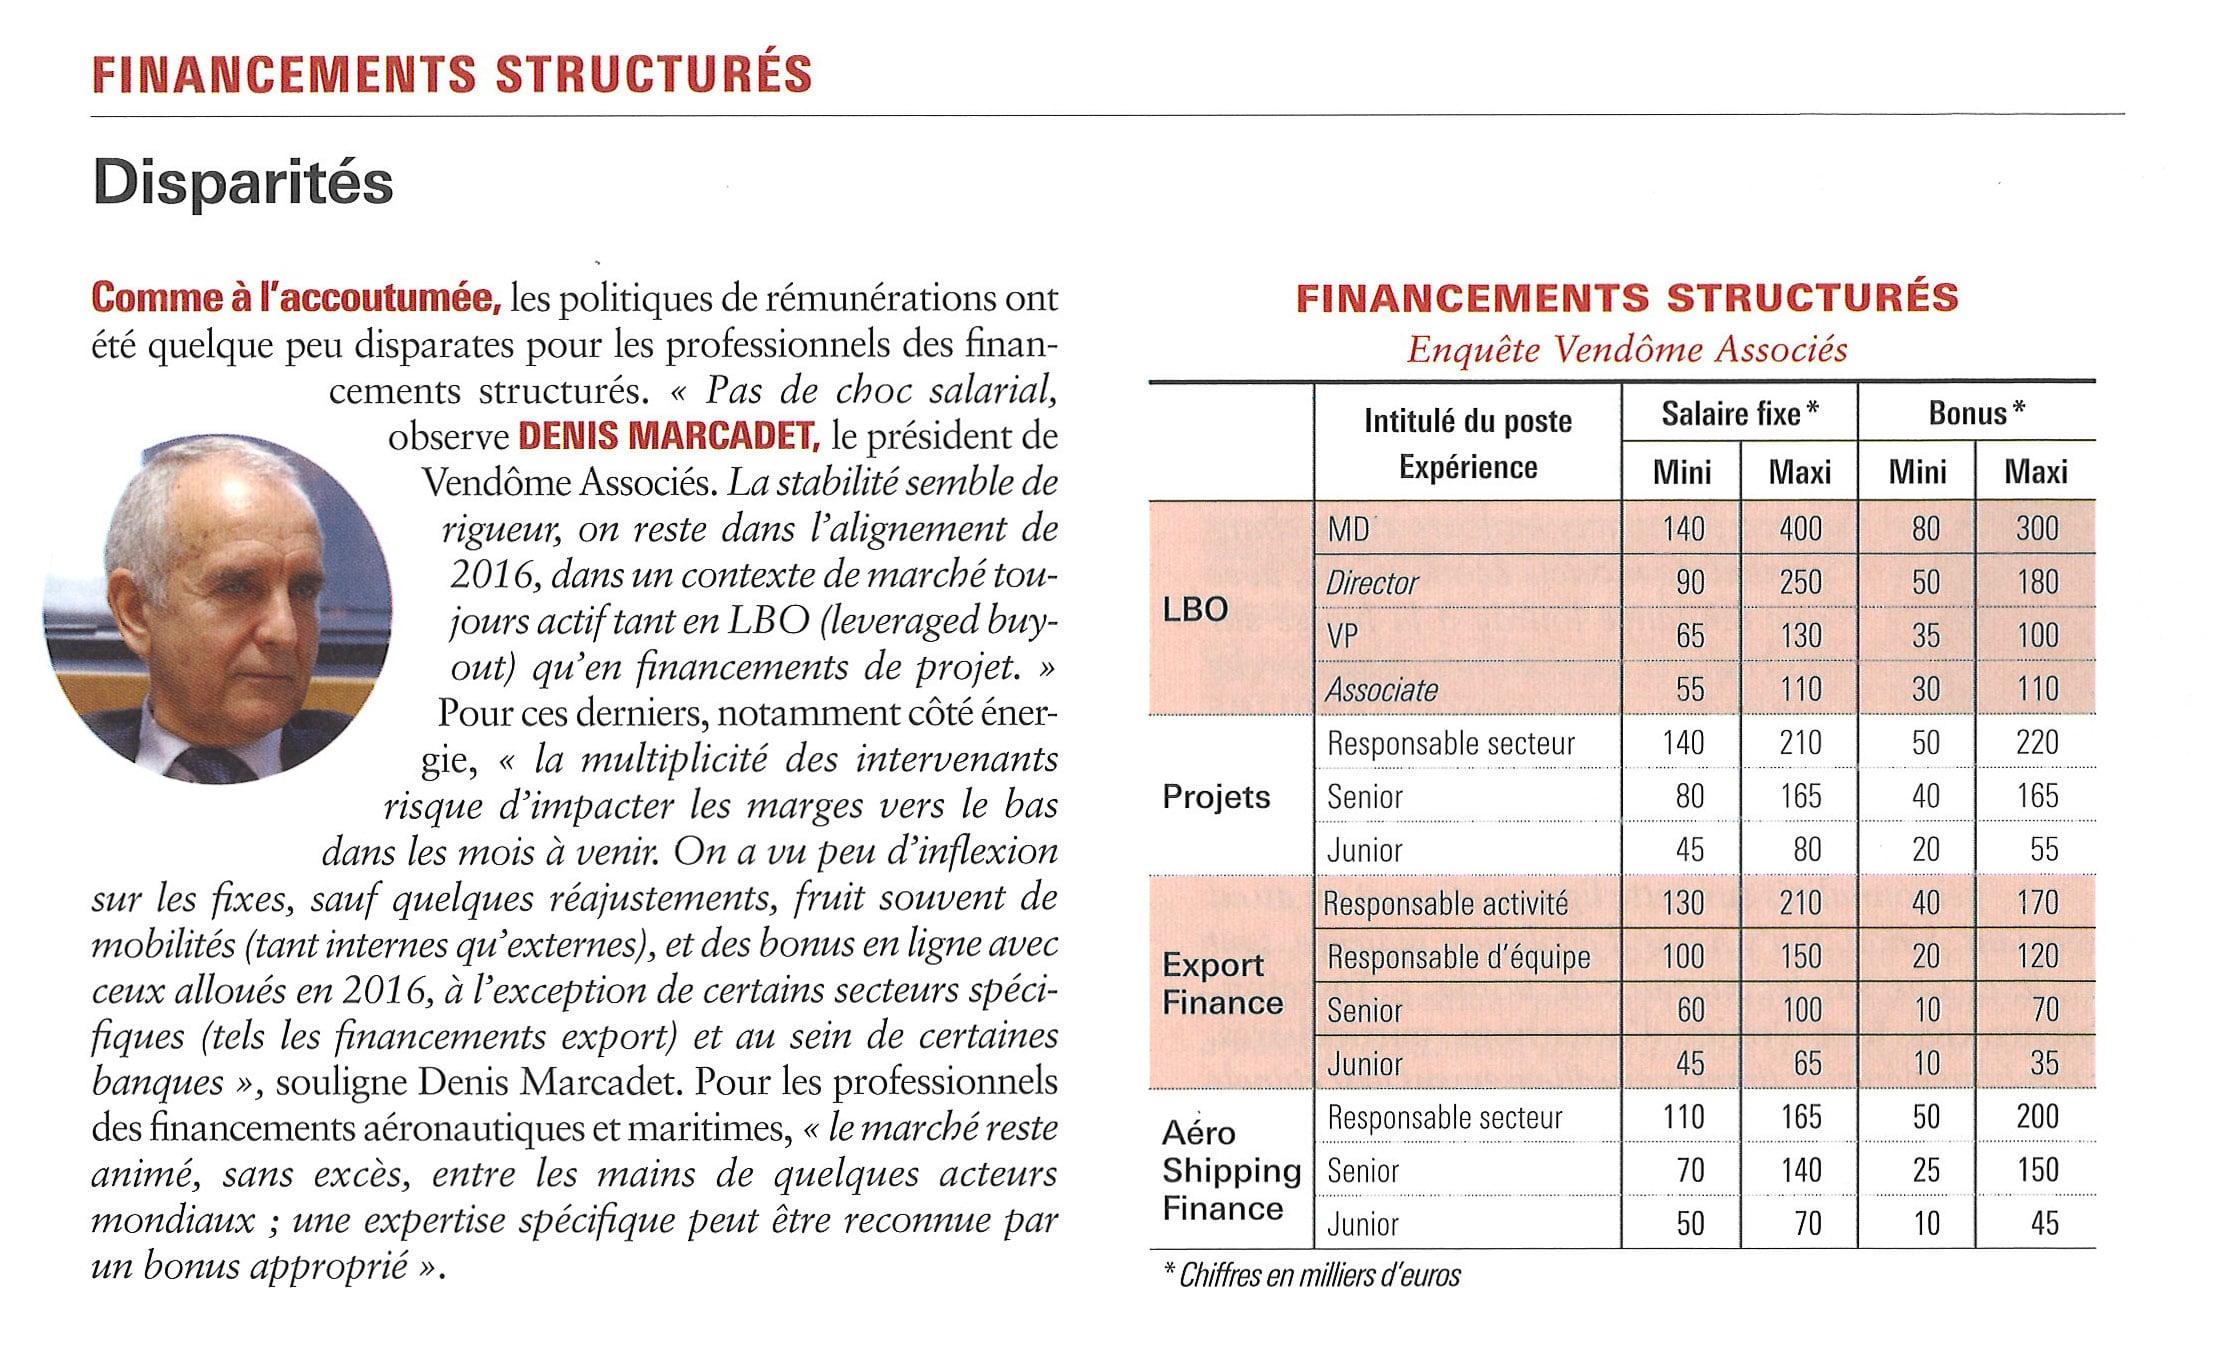 2018-AGEFI-bonus-HD-financements structurés